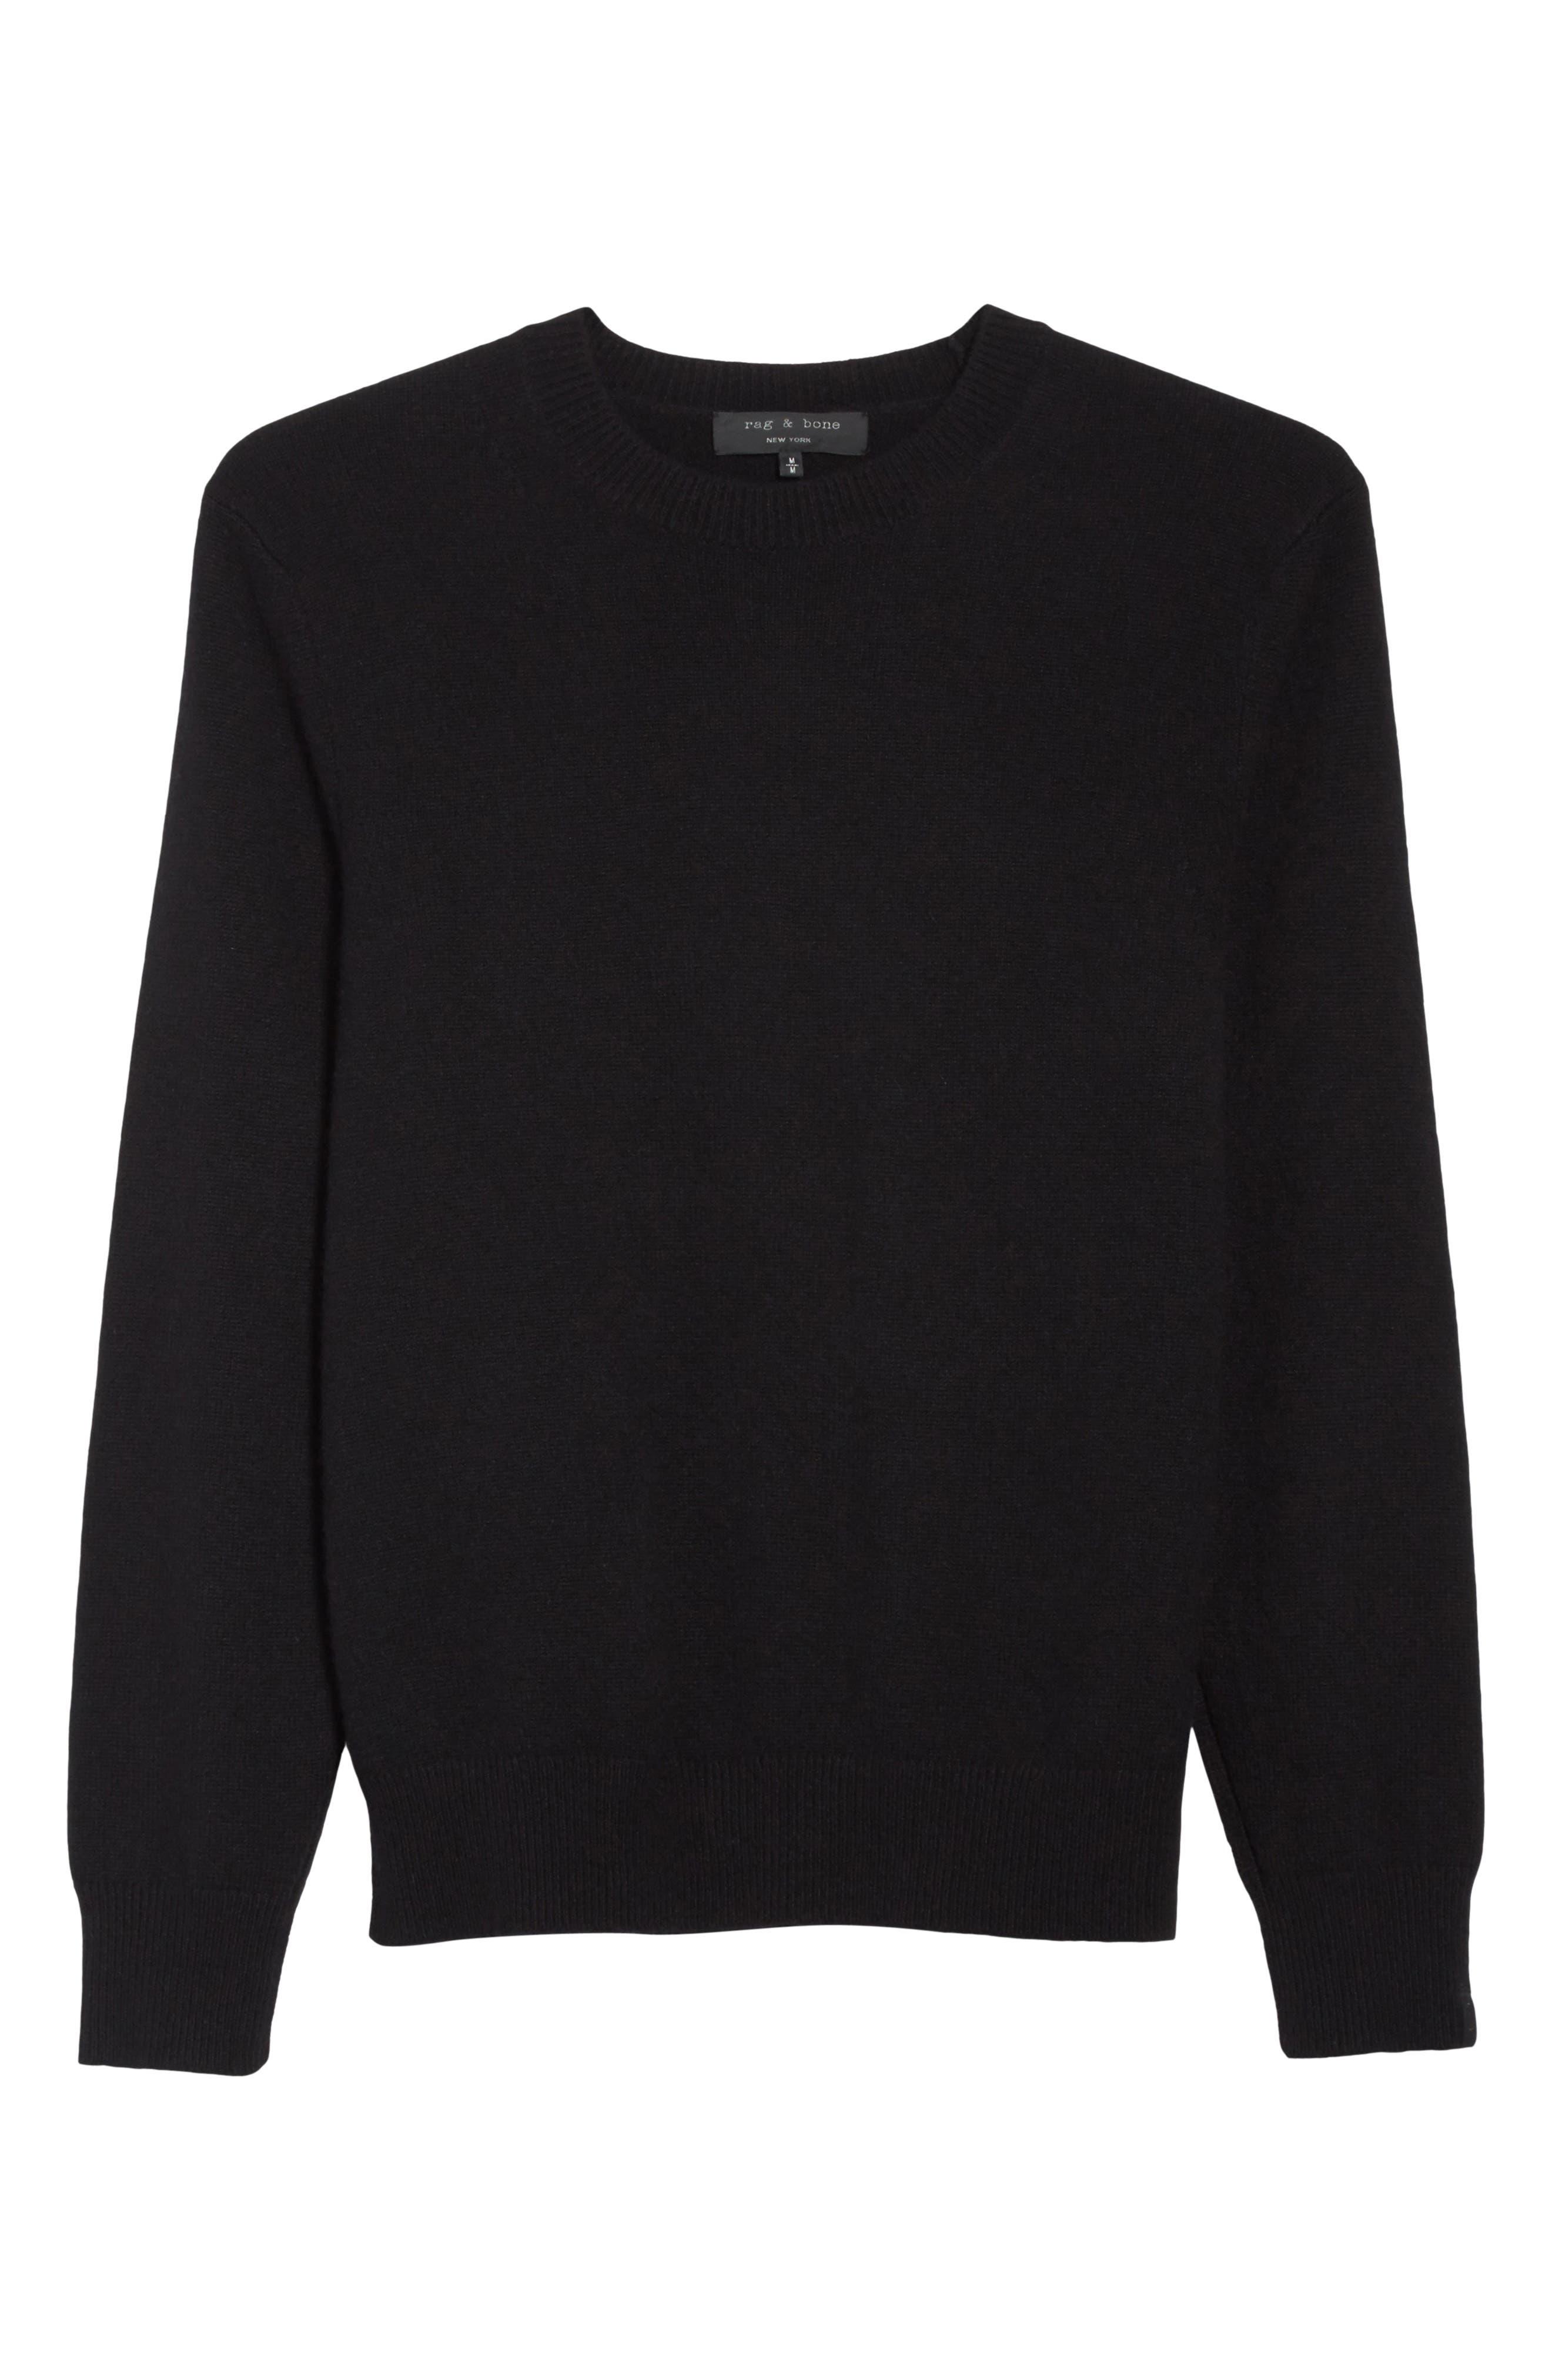 Haldon Cashmere Crewneck Sweatshirt,                             Alternate thumbnail 6, color,                             001